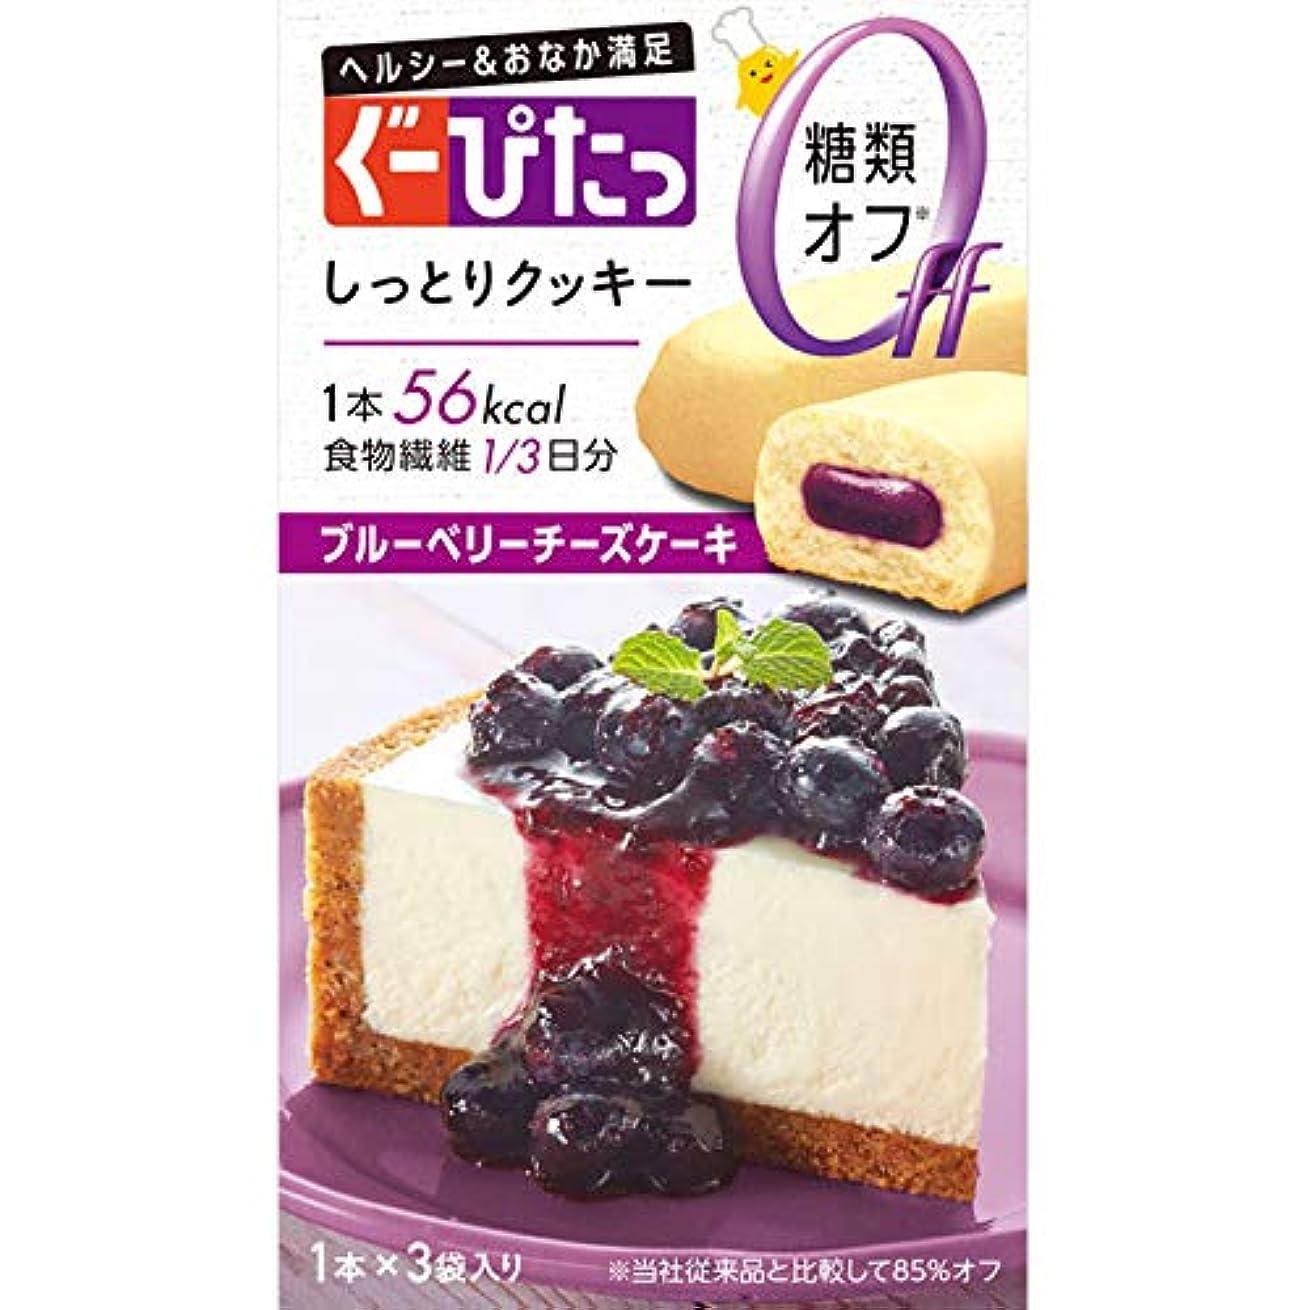 仕方糞説明的ナリスアップ ぐーぴたっ しっとりクッキー ブルーベリーチーズケーキ (3本) ダイエット食品